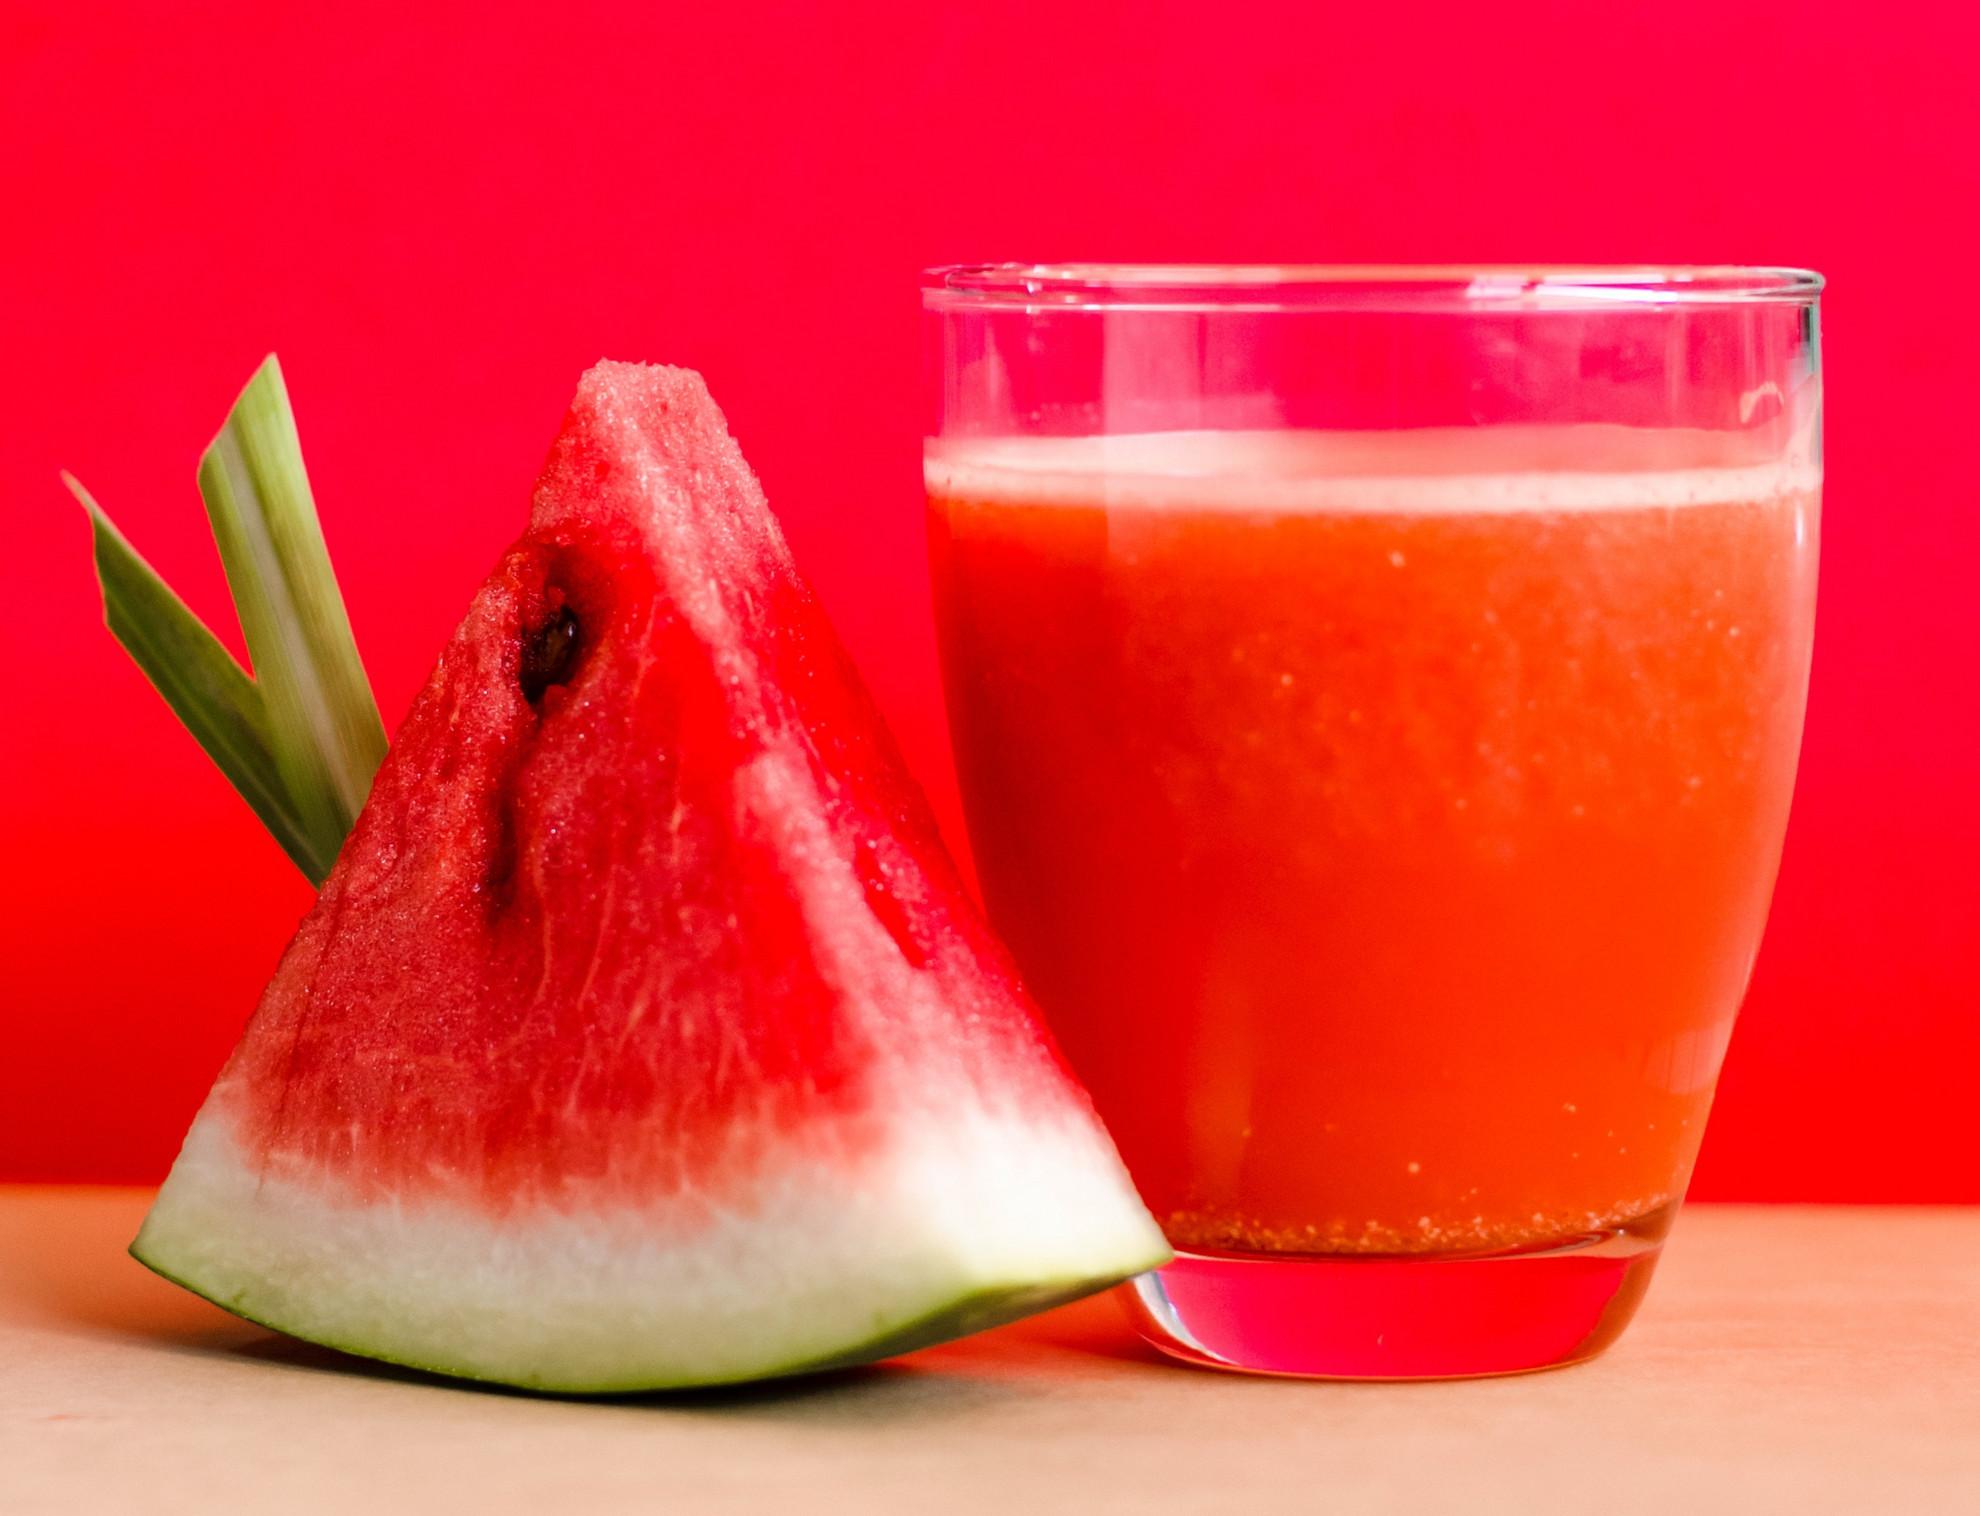 A görögdinnye több mint 92 százalékban vízből áll